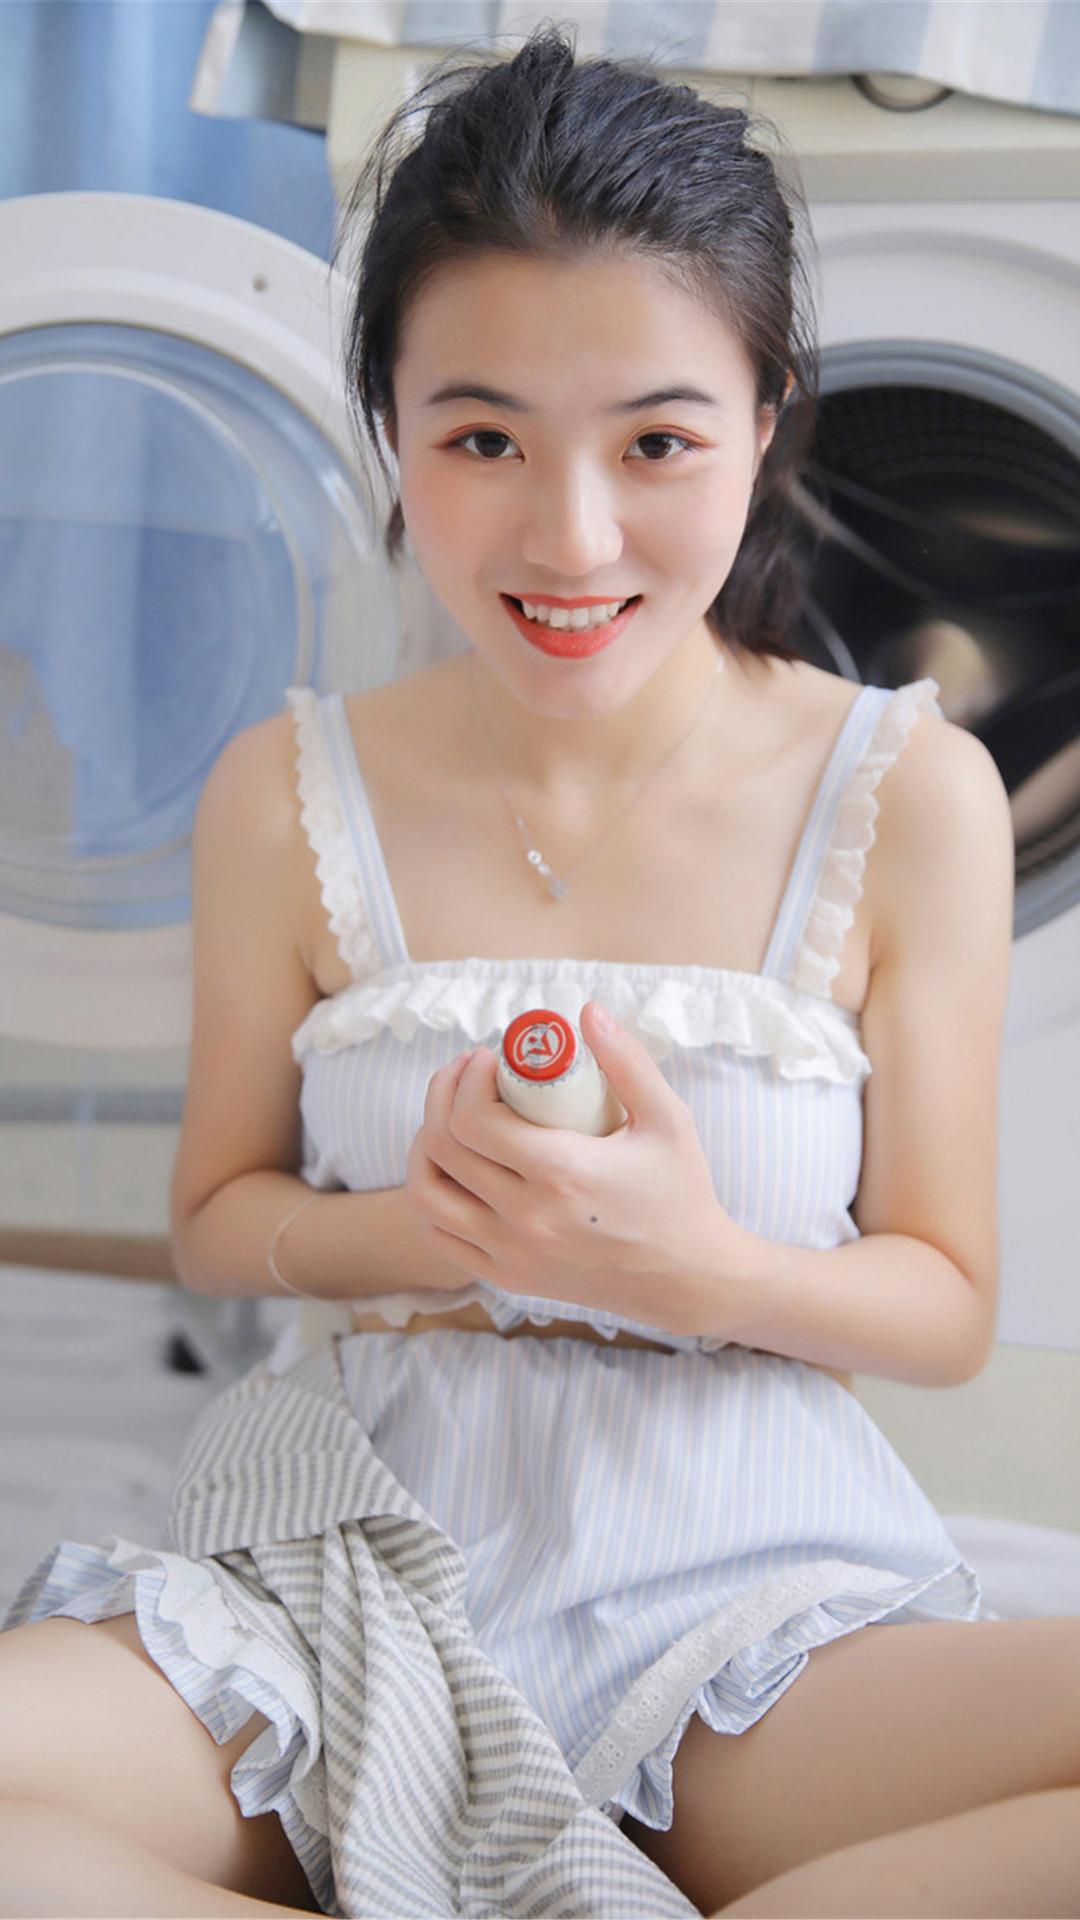 吊带睡衣清纯美女性感白丝美腿大胆写真